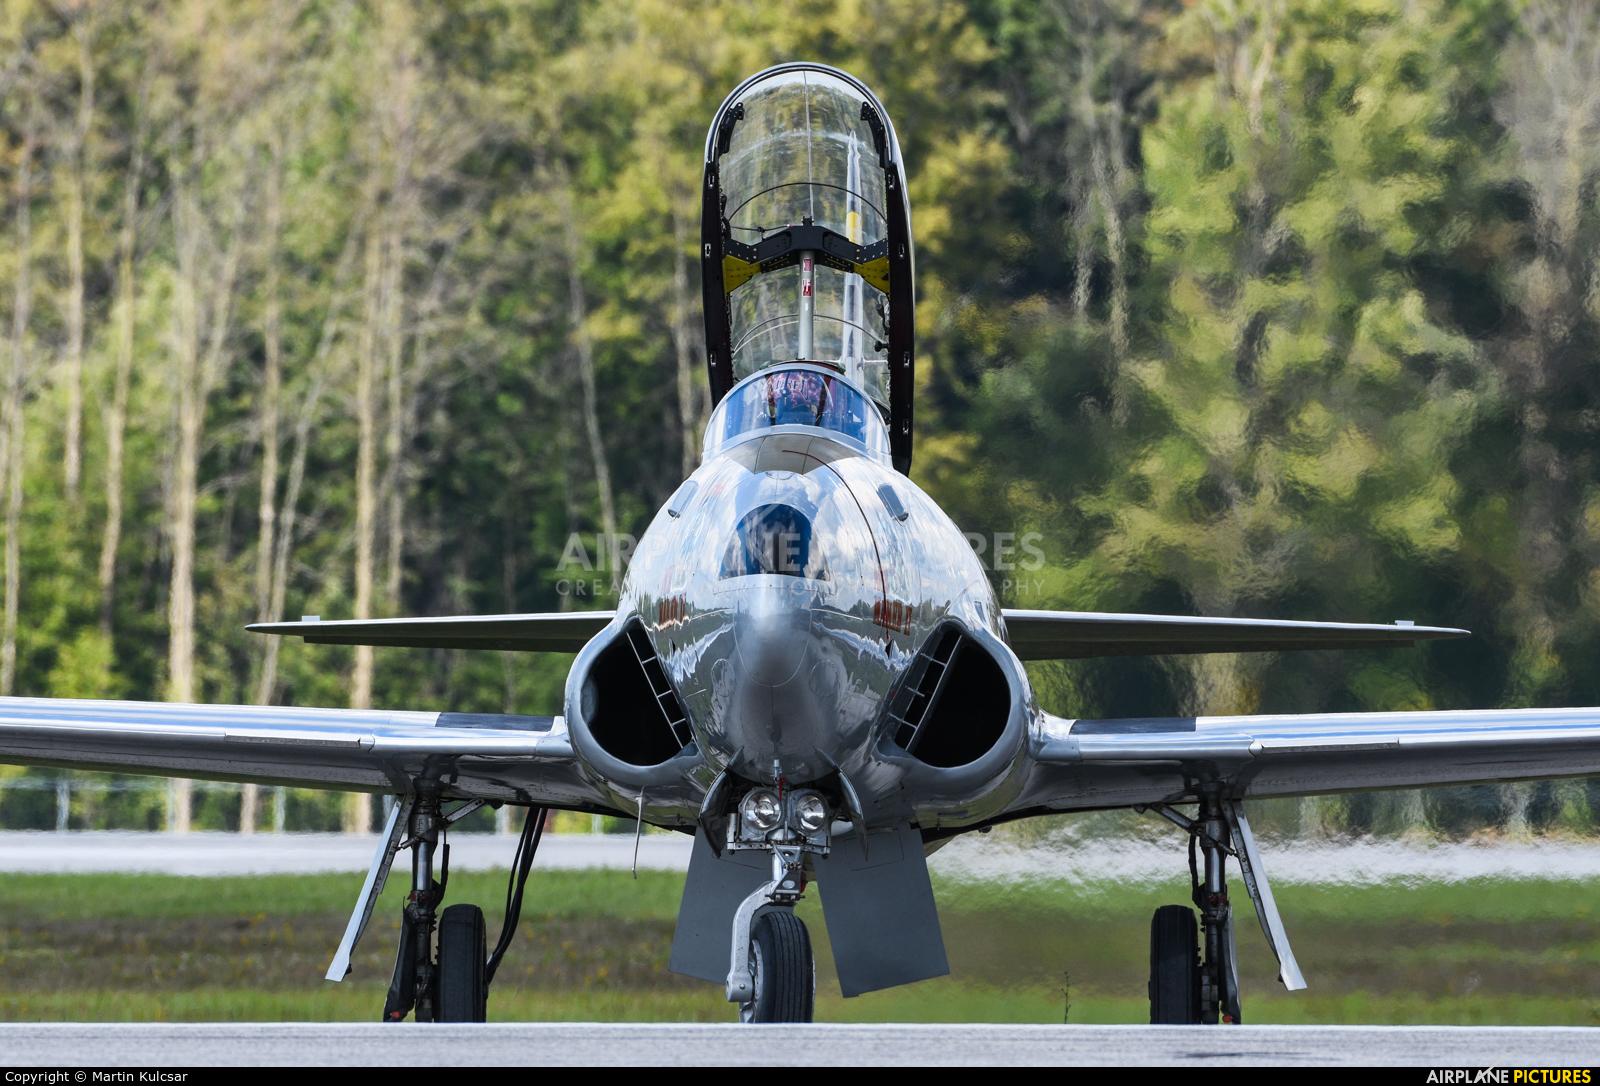 USA - Air Force 21452 aircraft at London  Intl, ON